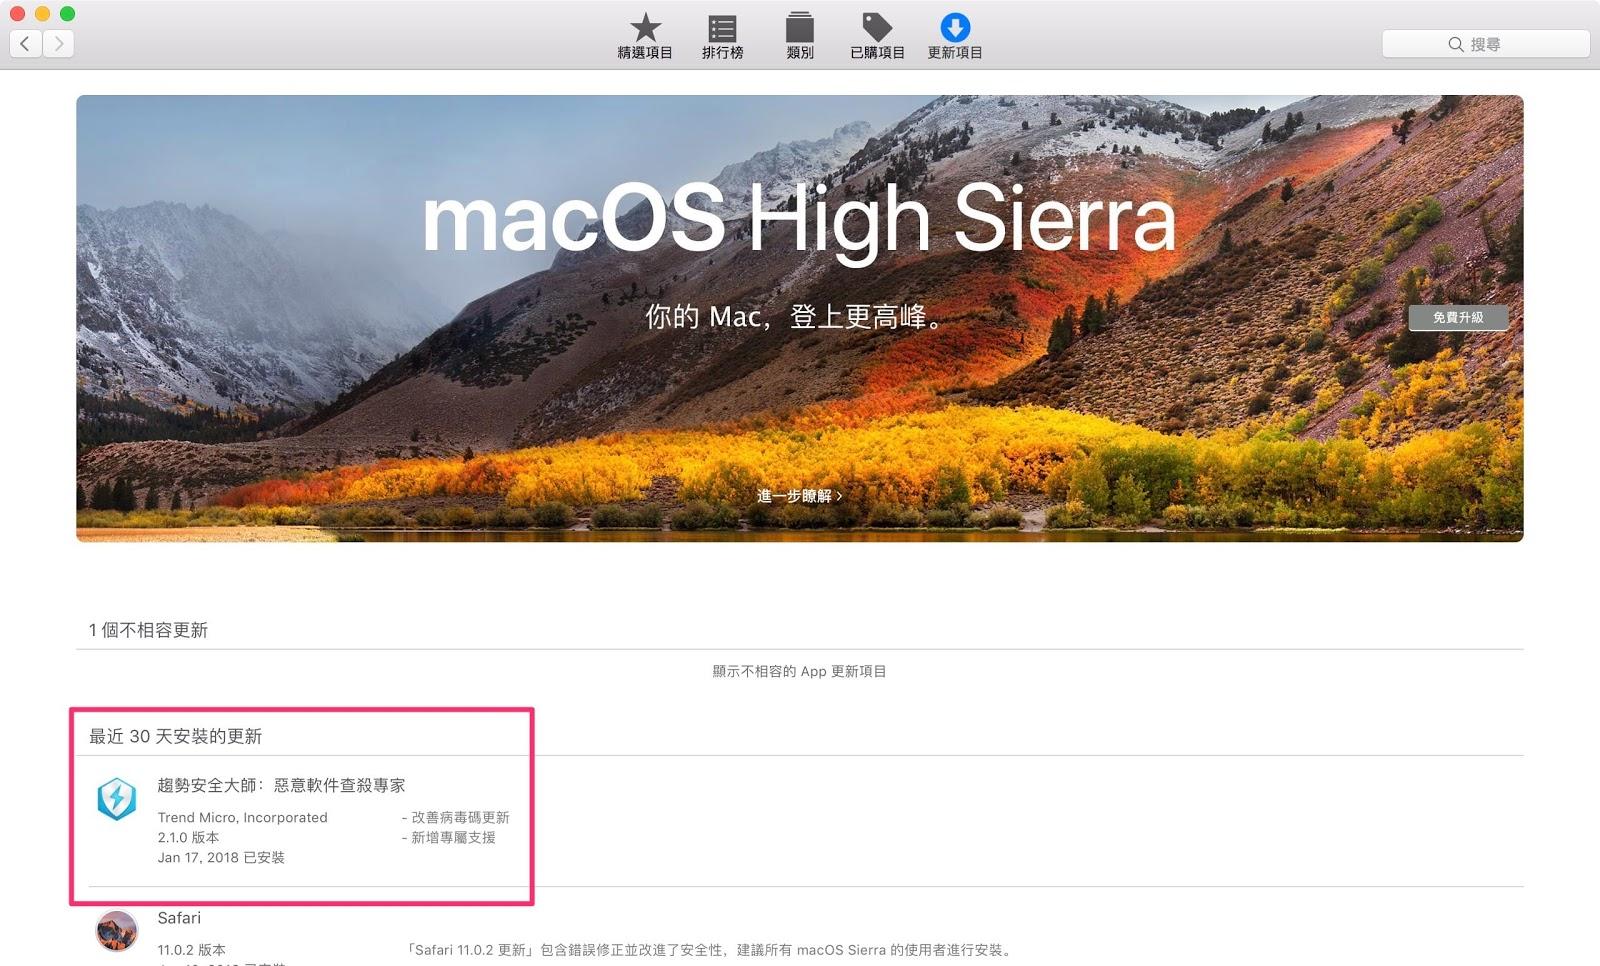 快速下載OS X 和macOS 作業系統的安裝程式  IT 技術家